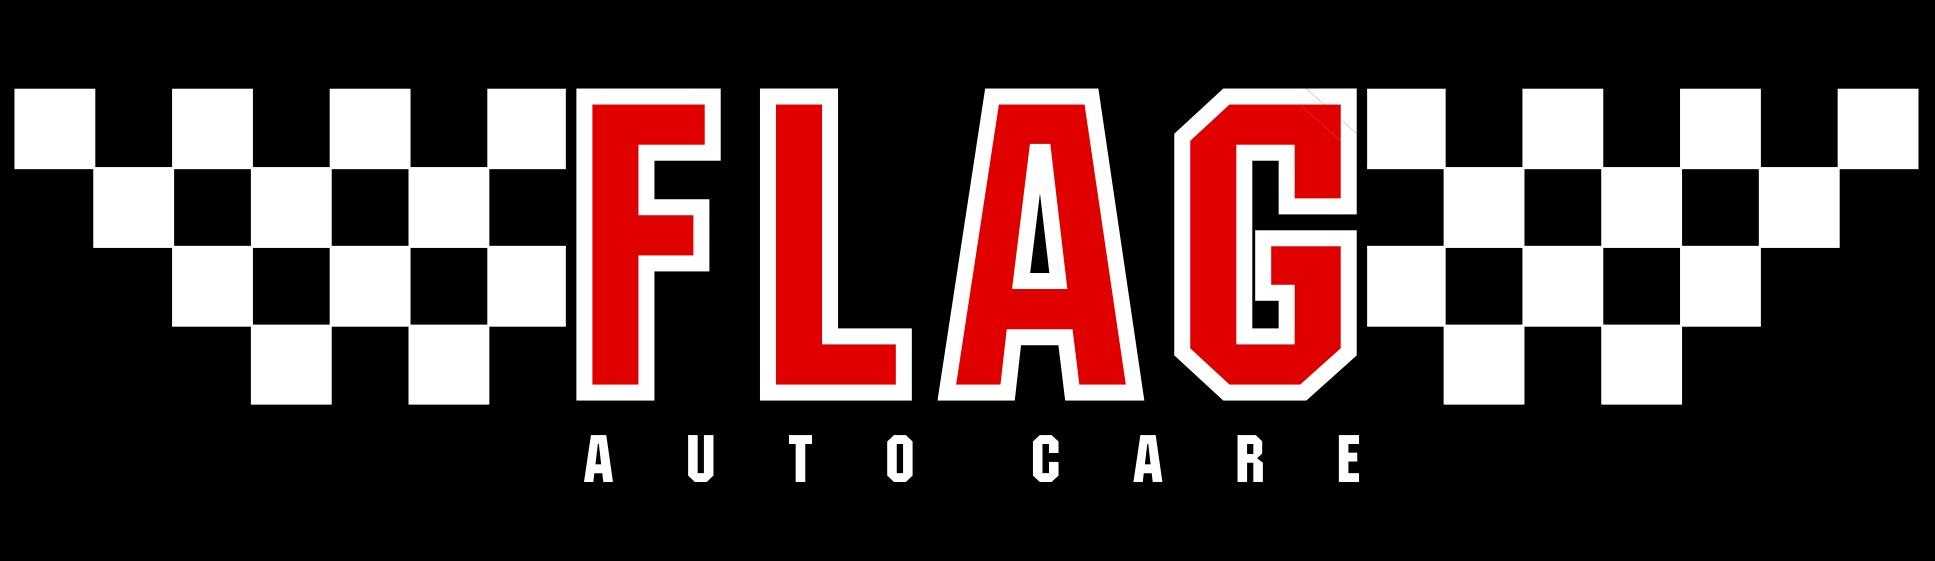 Flag Autocare